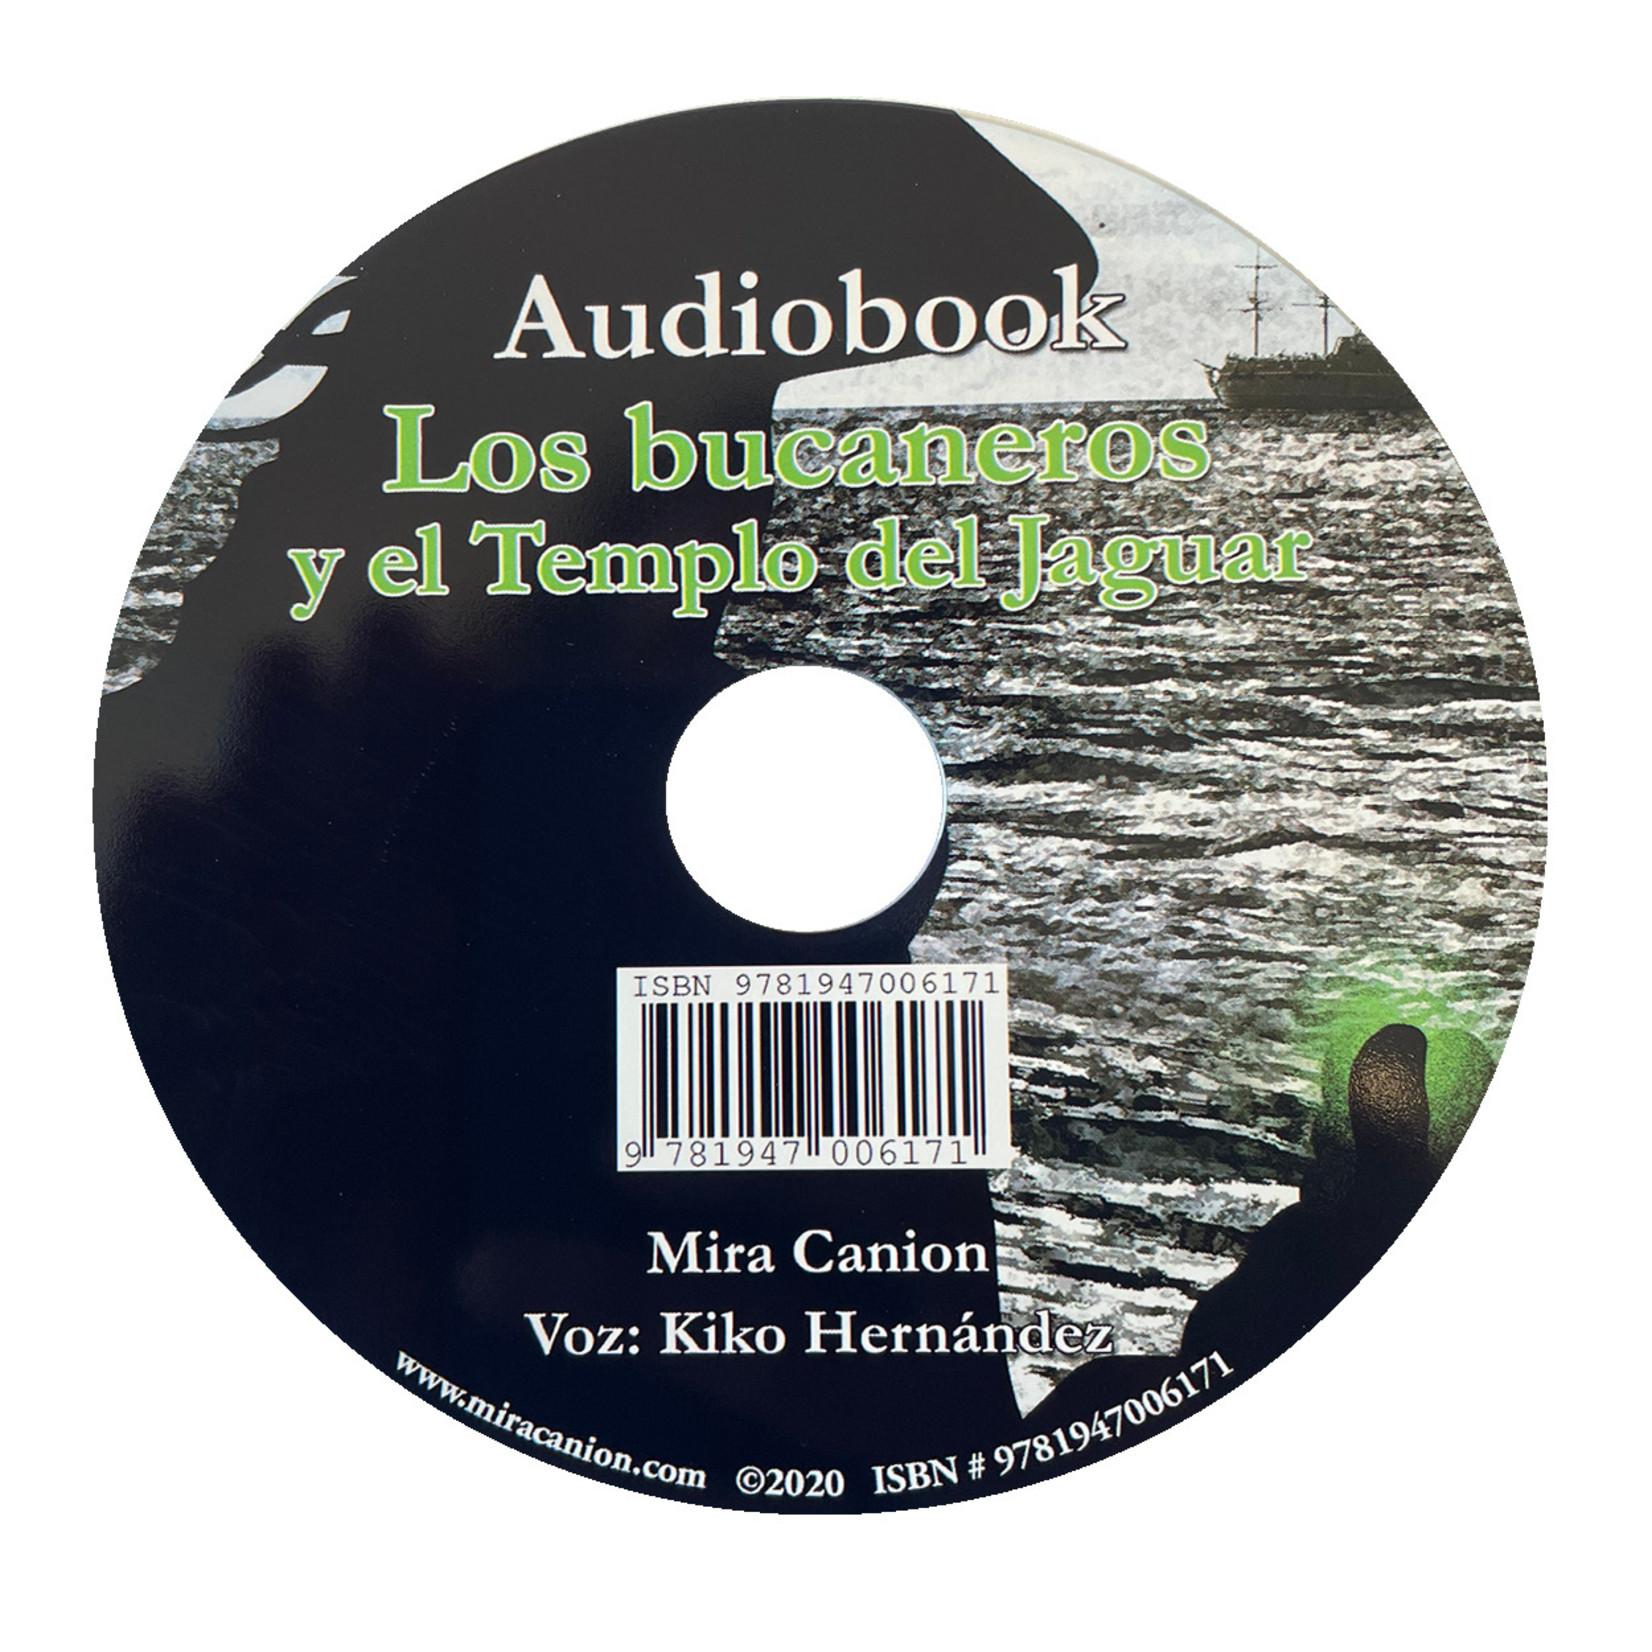 Mira Canion Los bucaneros y el templo del jaguar - Luisterboek